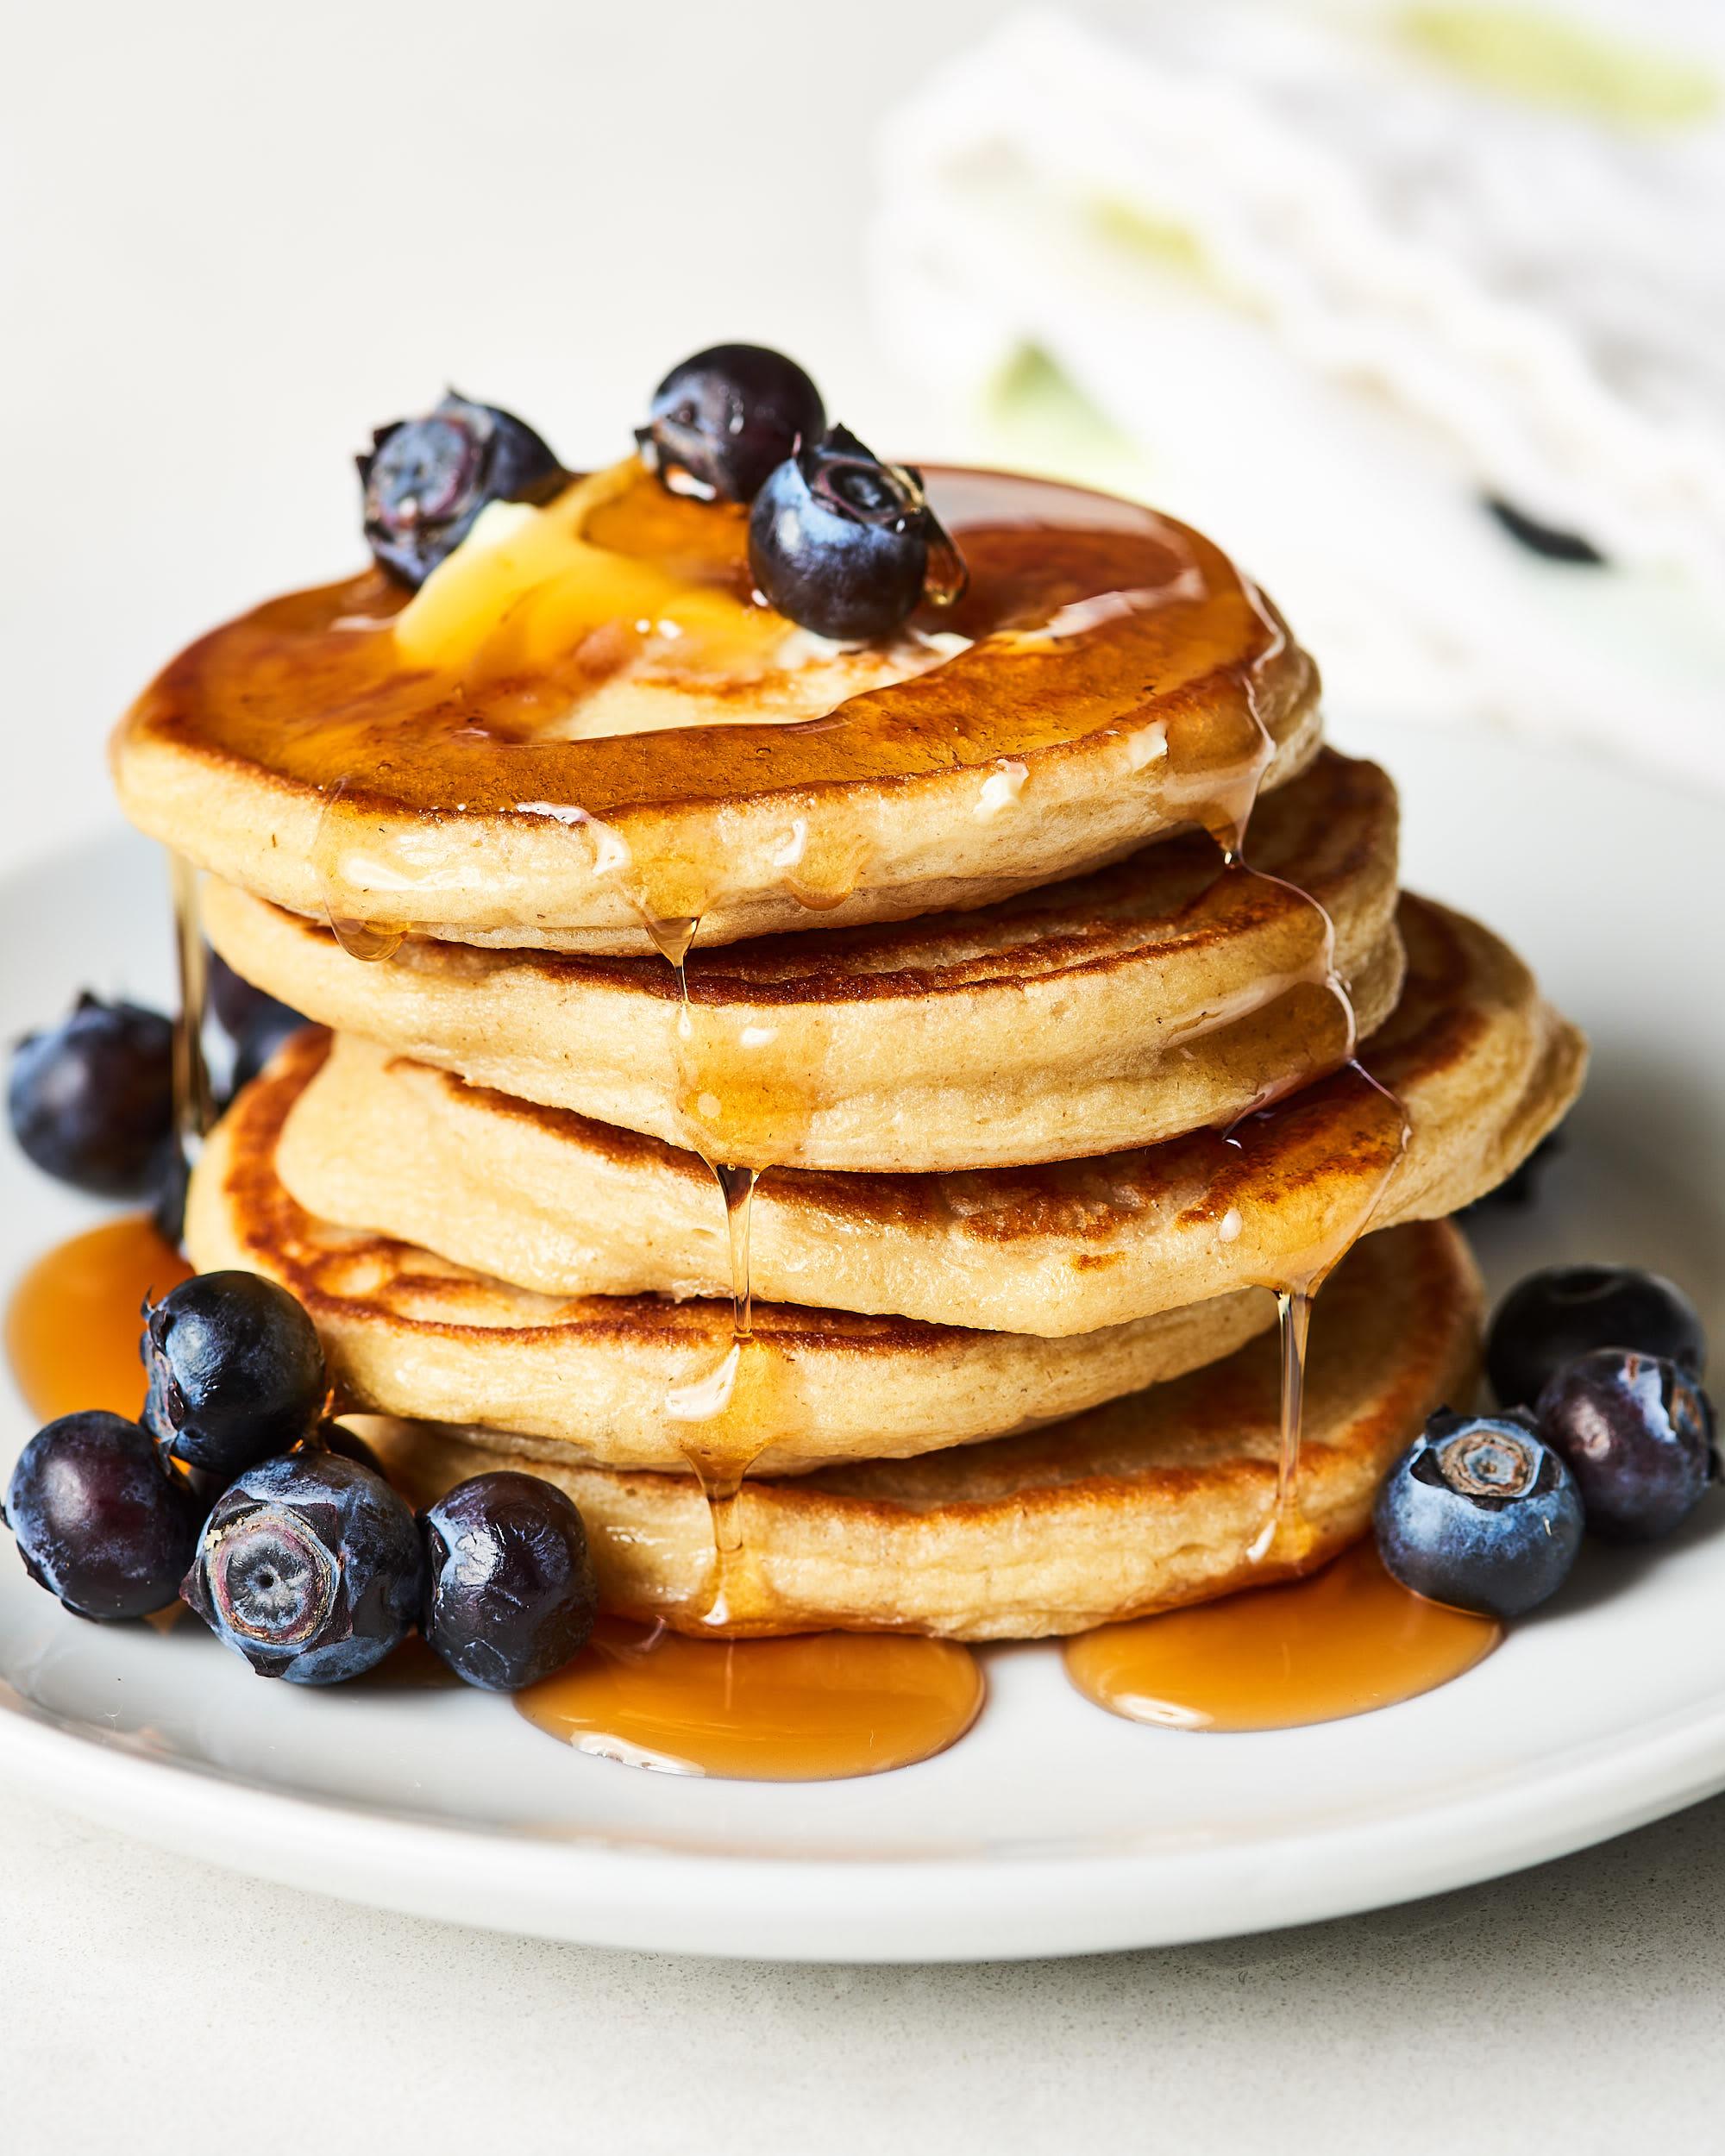 Recipe: 3-Ingredient Cottage Cheese Pancakes